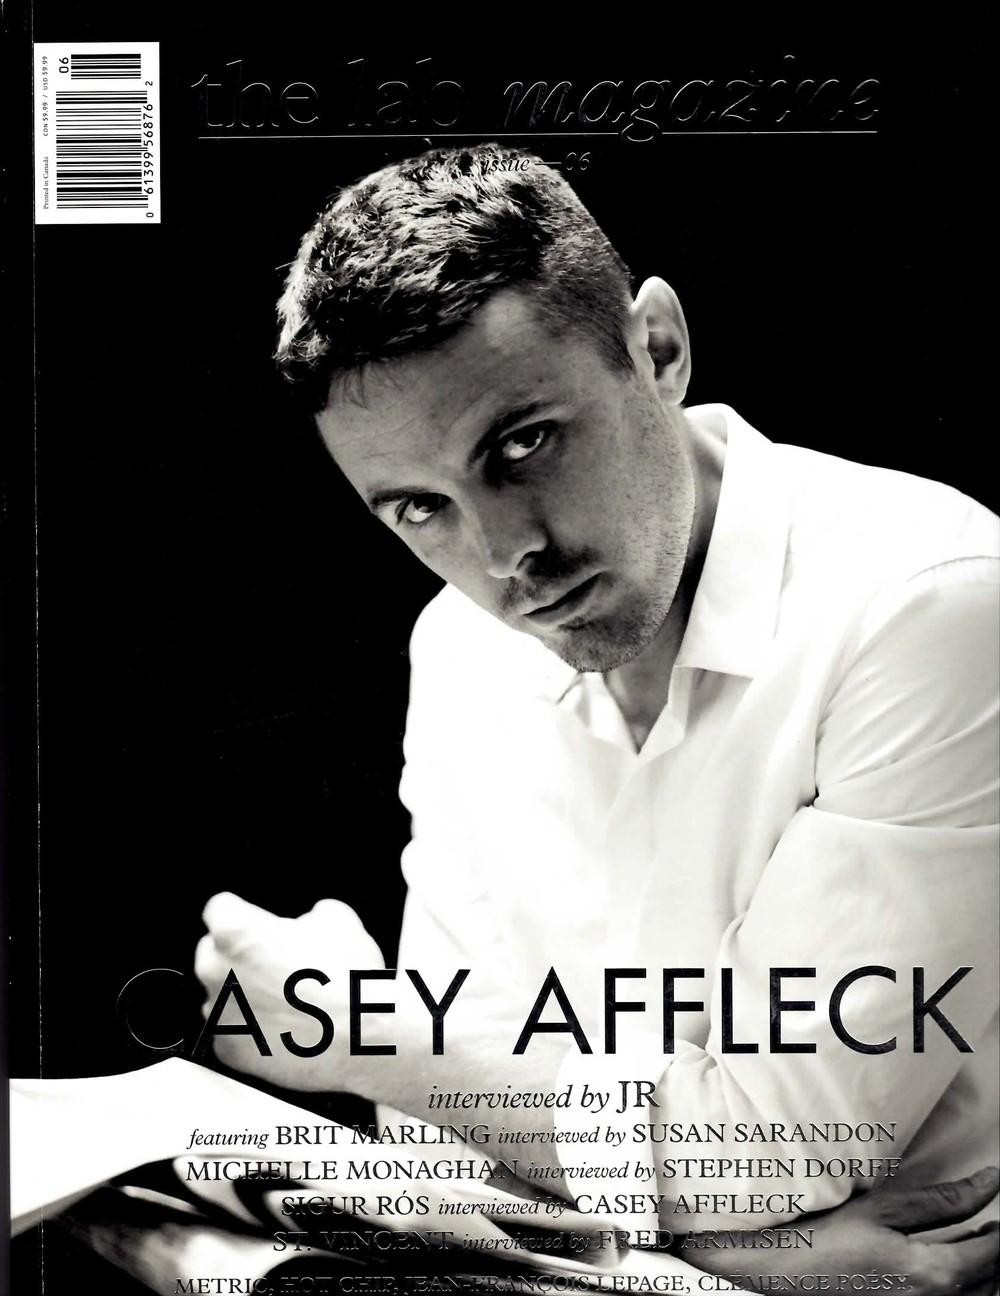 Casey_Affleck_cover.JPG